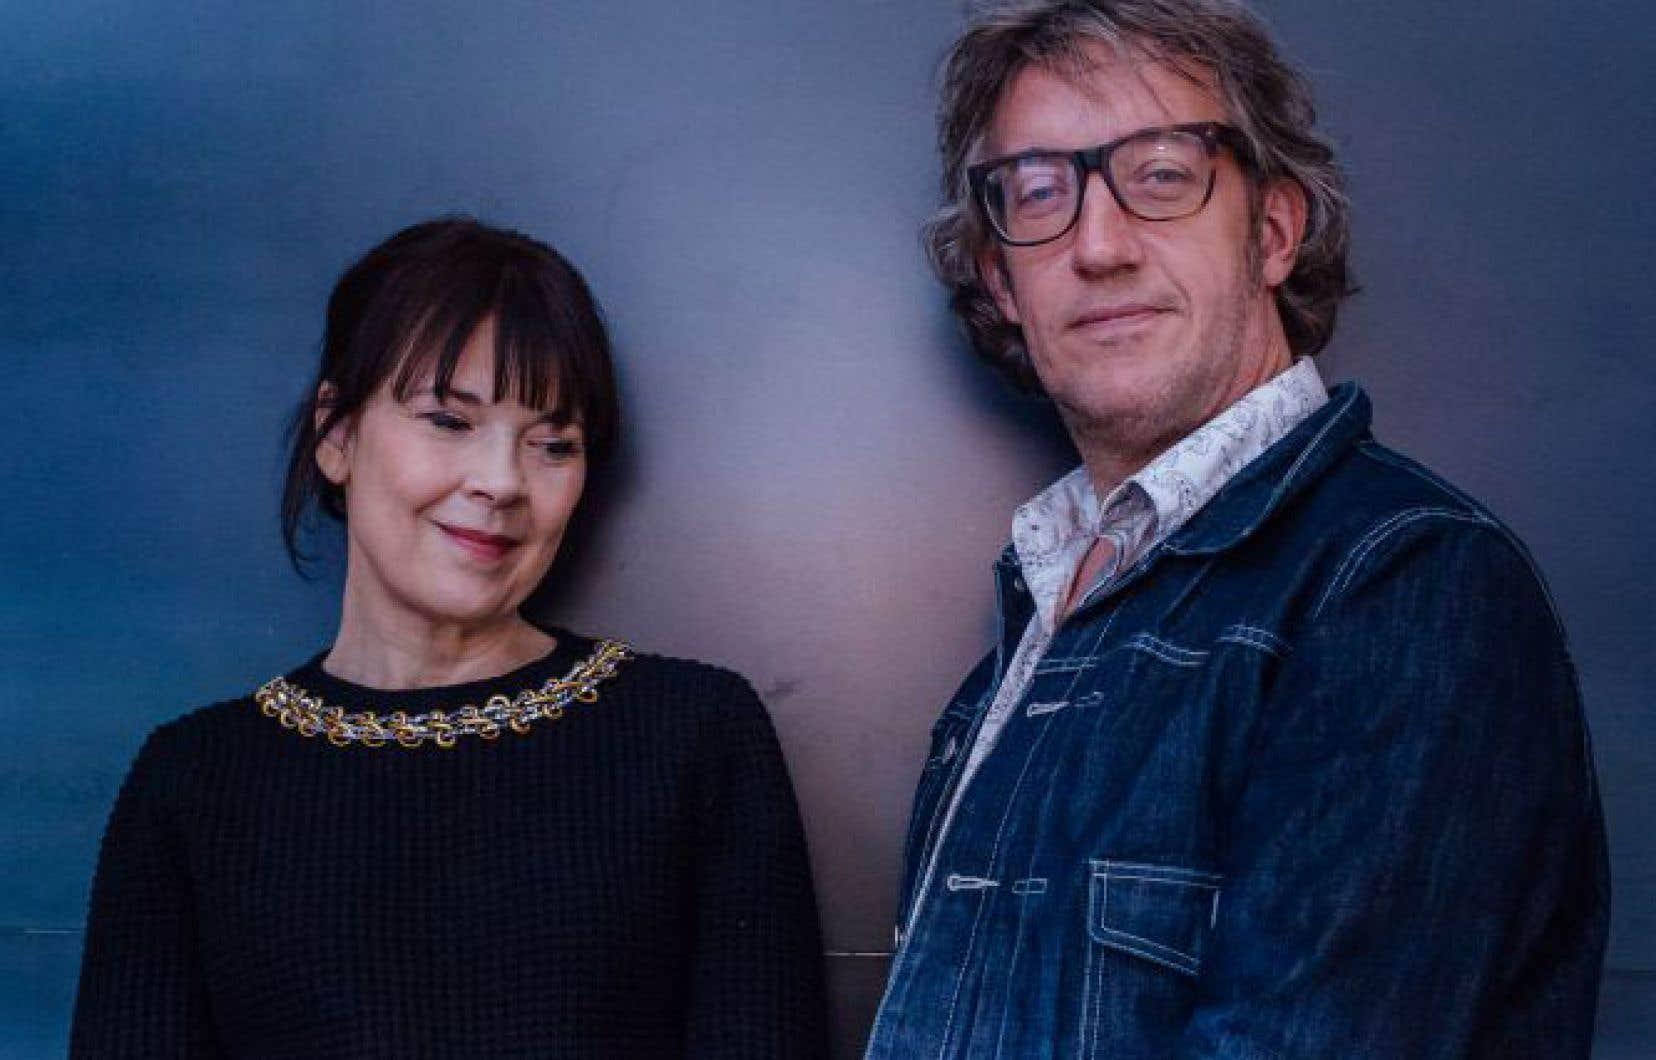 Le cinéaste Jean-Philippe Duval ne tarit pas d'éloges envers l'actrice Anne Dorval, au sommet de son art en mère qui a perdu son enfant adoptée.